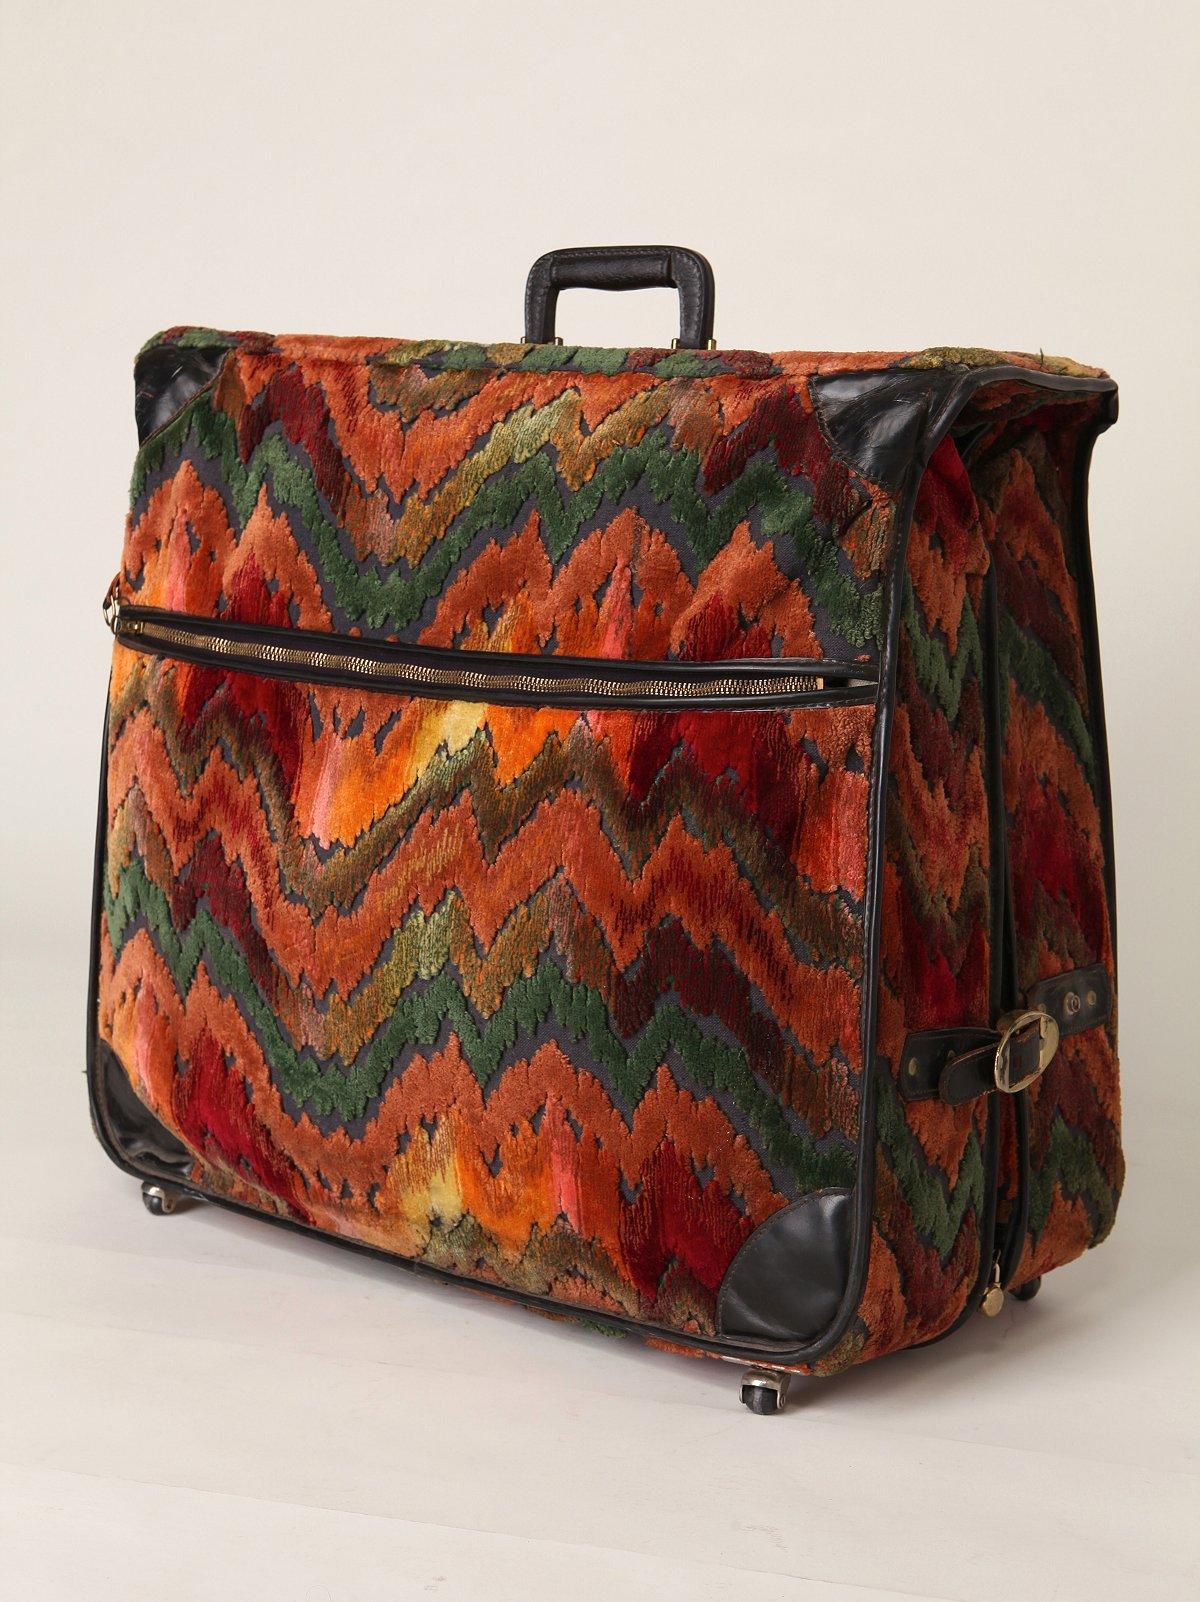 Vintage Tapestry Luggage